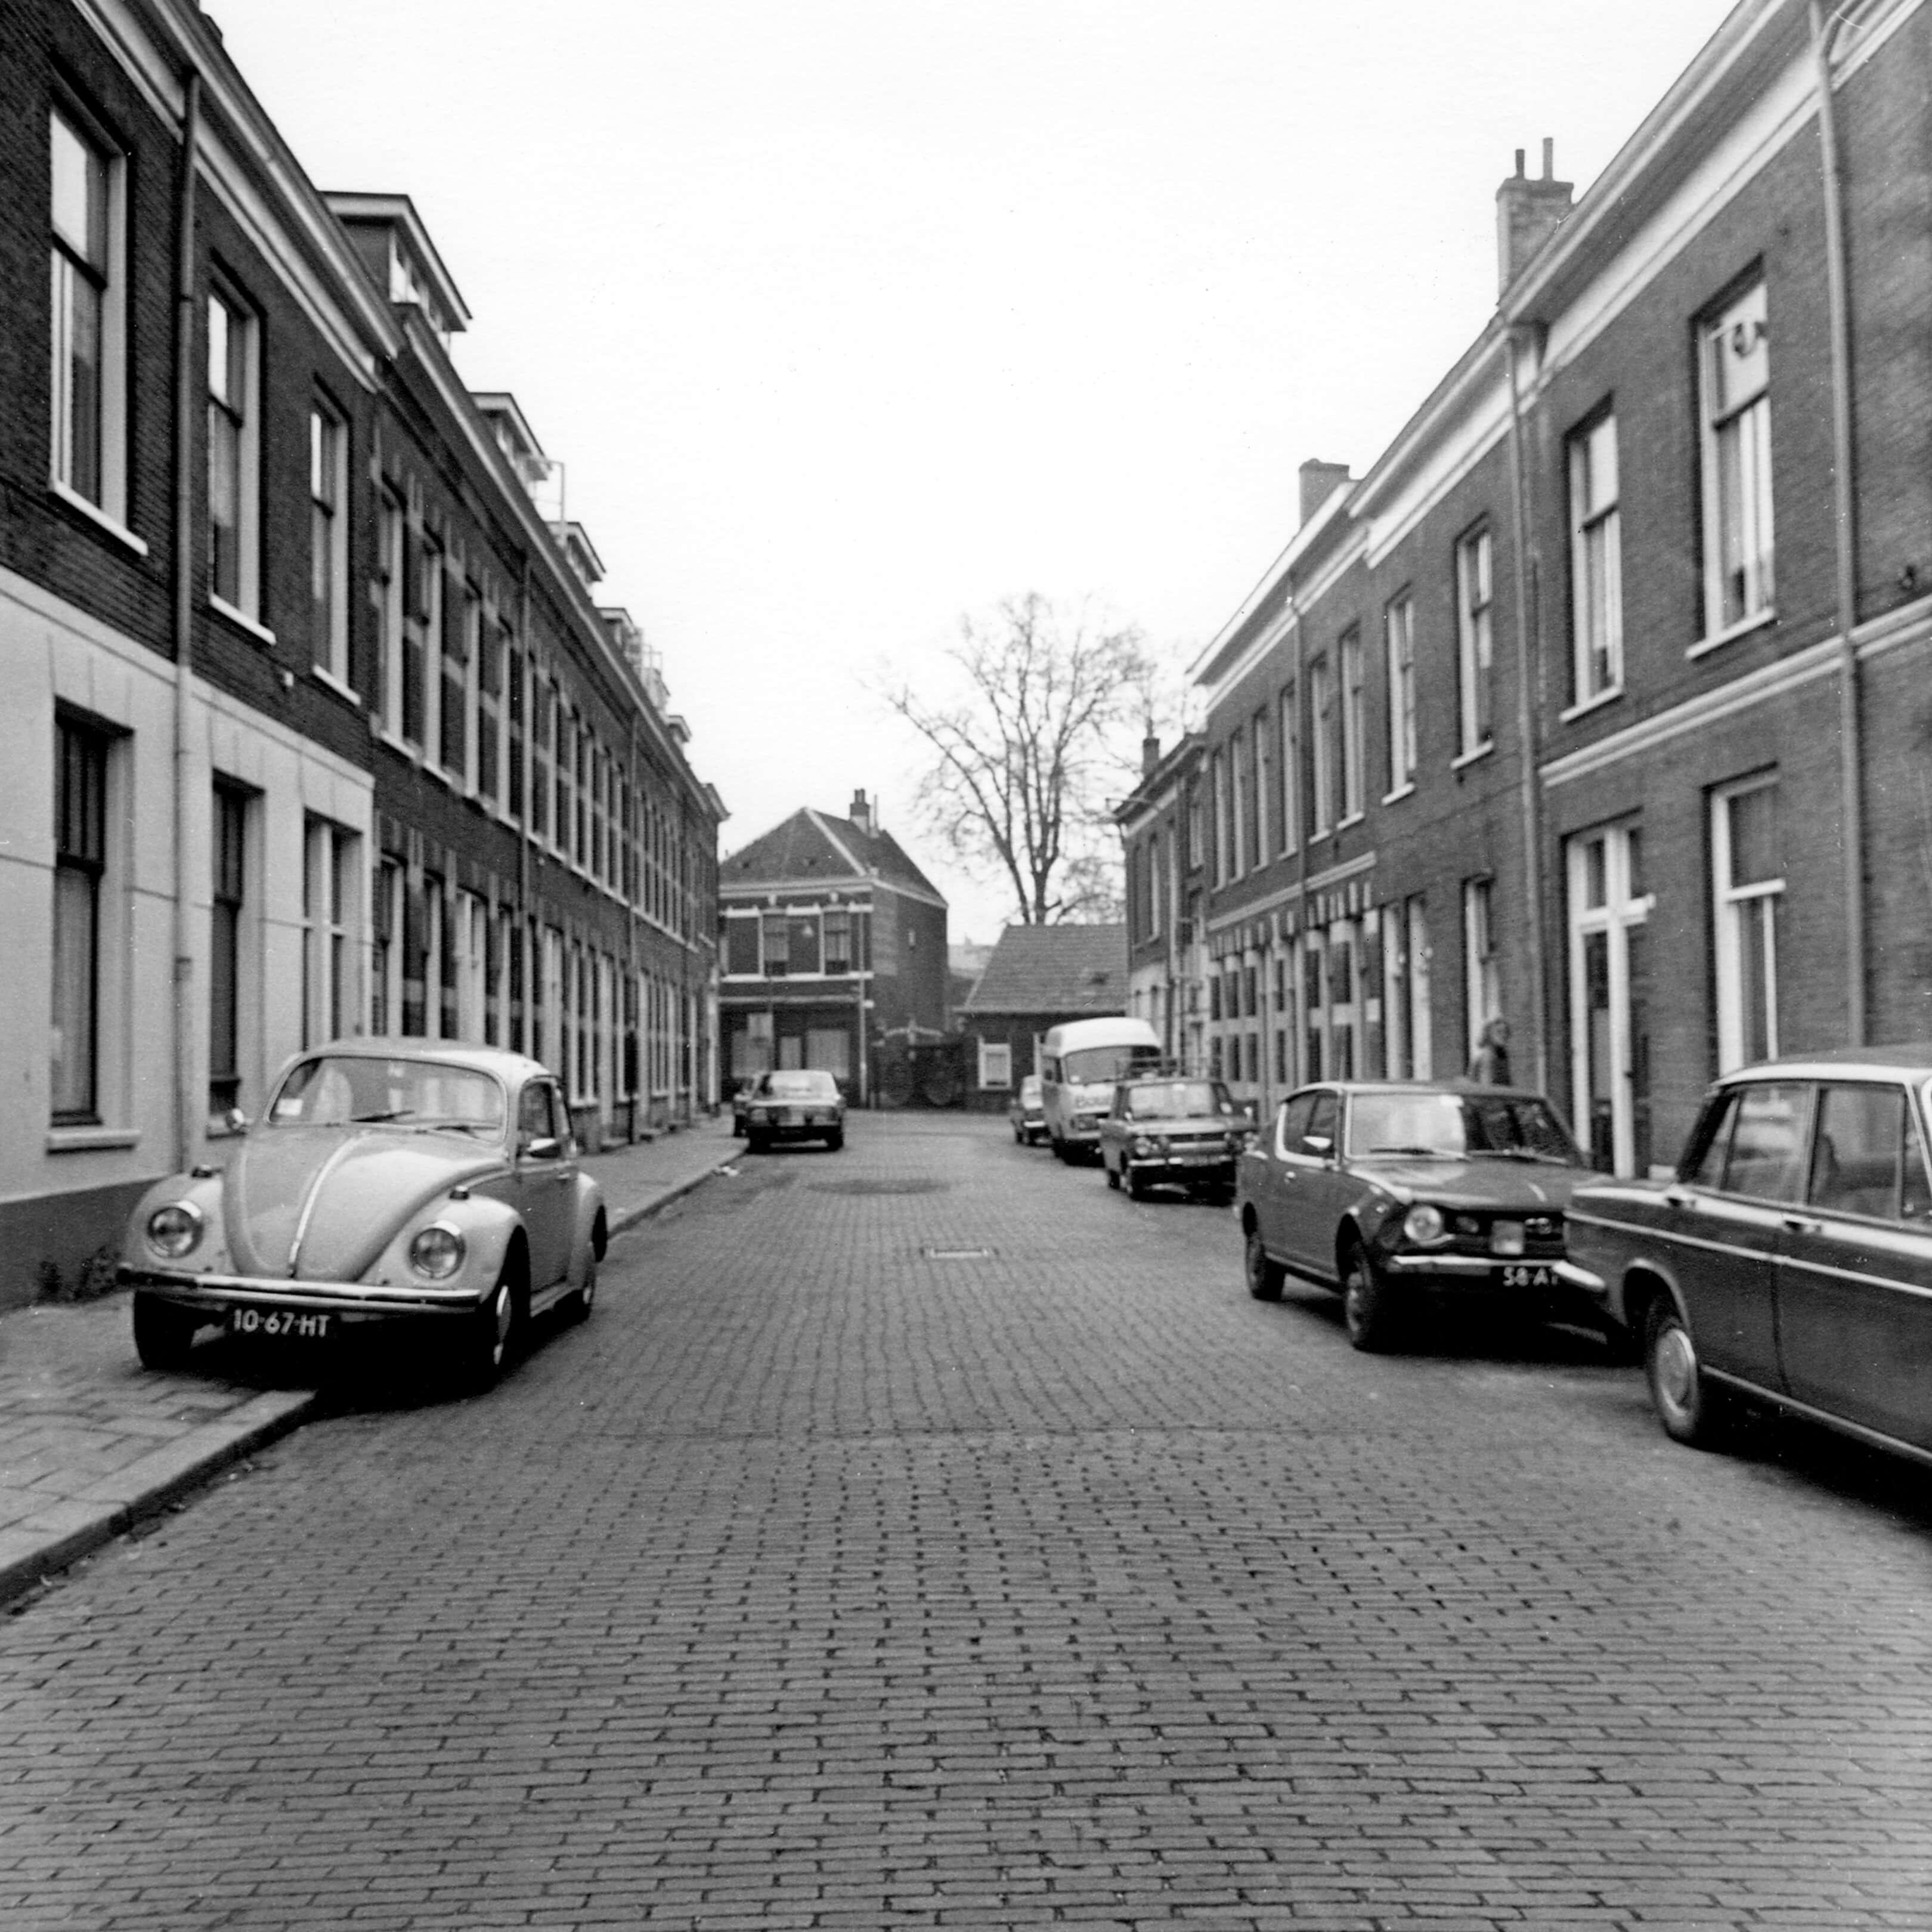 Gemeente Arnhem Jurjen Poeles fotografie project fotografie Vastgoedplein Nijhoffstraat portret sint Marten omgevingsportret